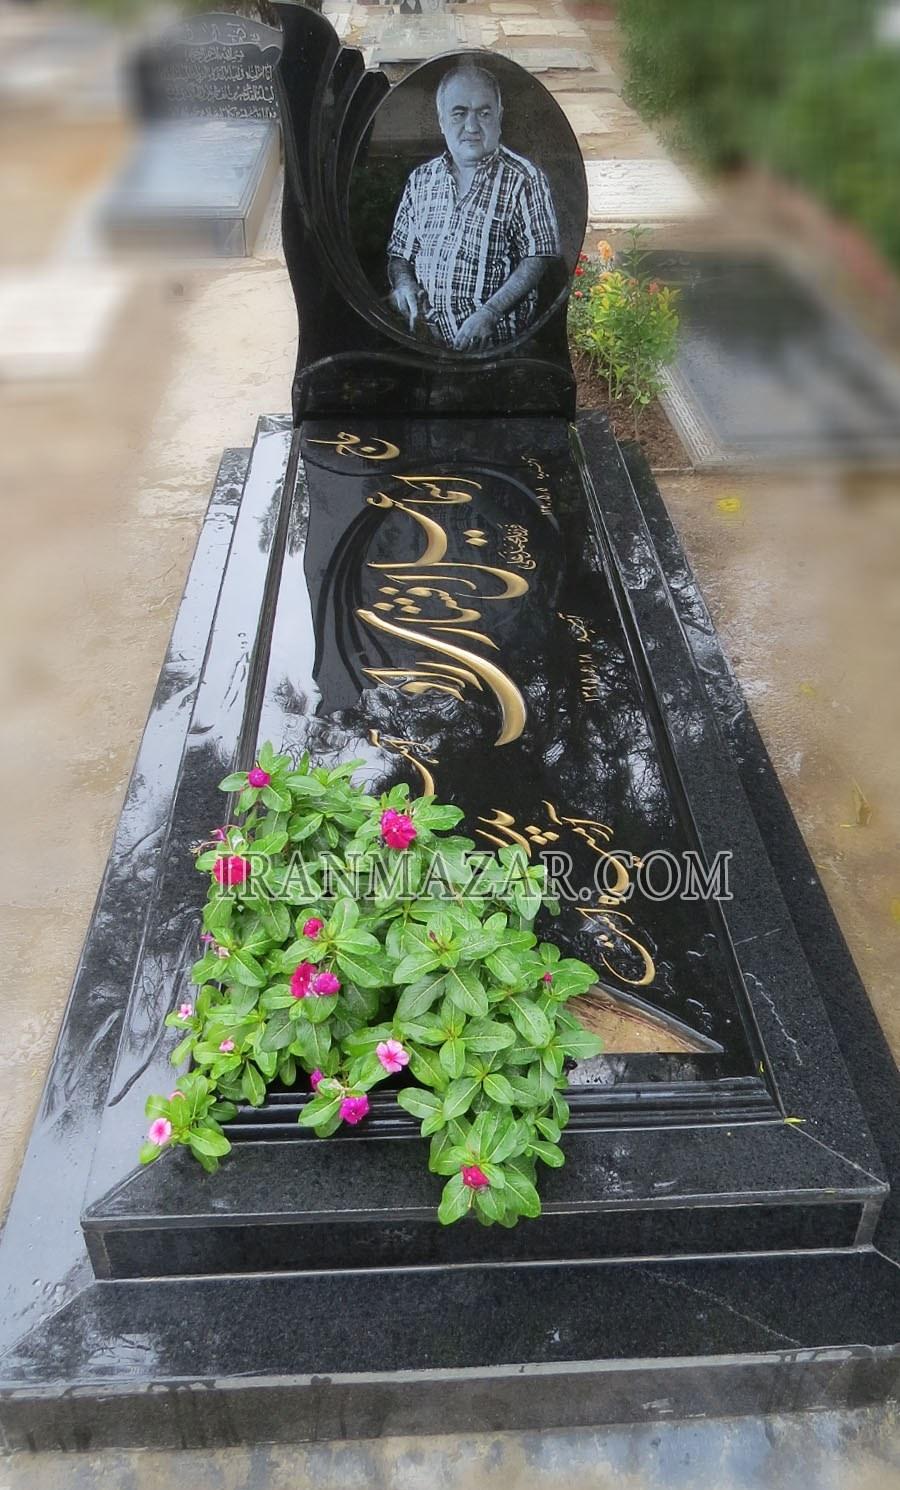 تصویر سنگ قبر گرانیت سیمین کد S406